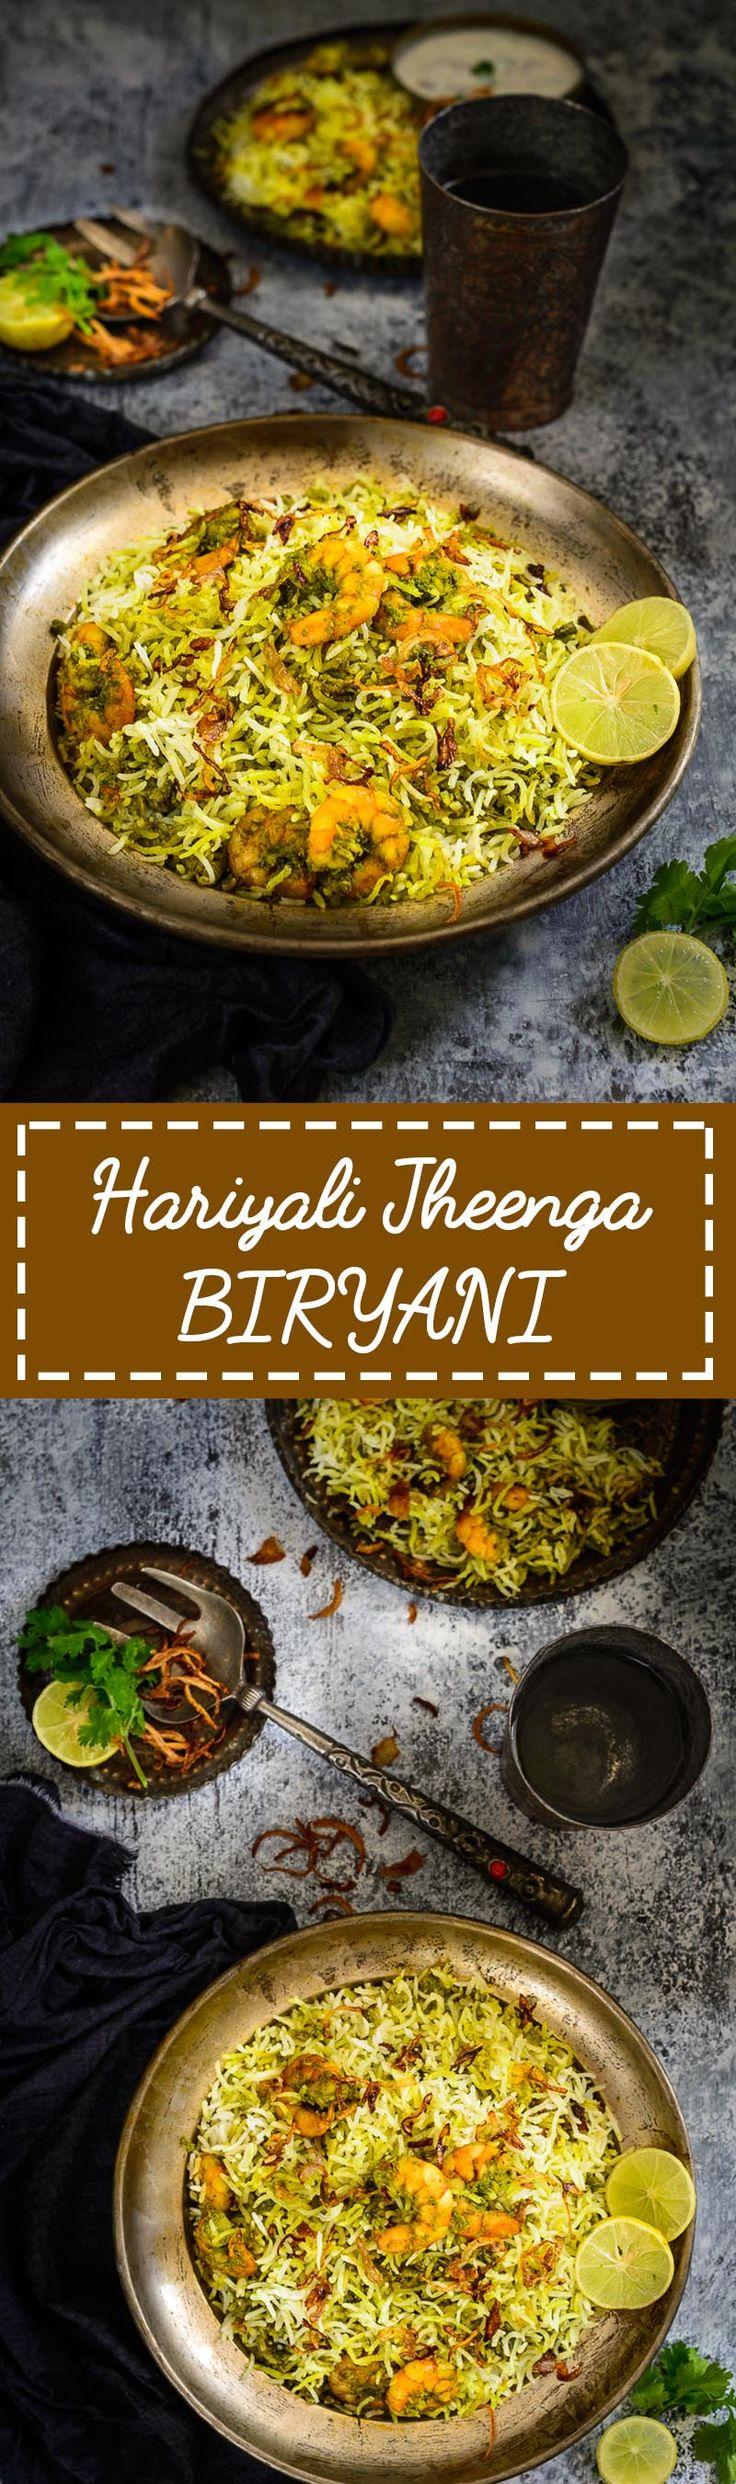 Hariyali Jheenga Biryani